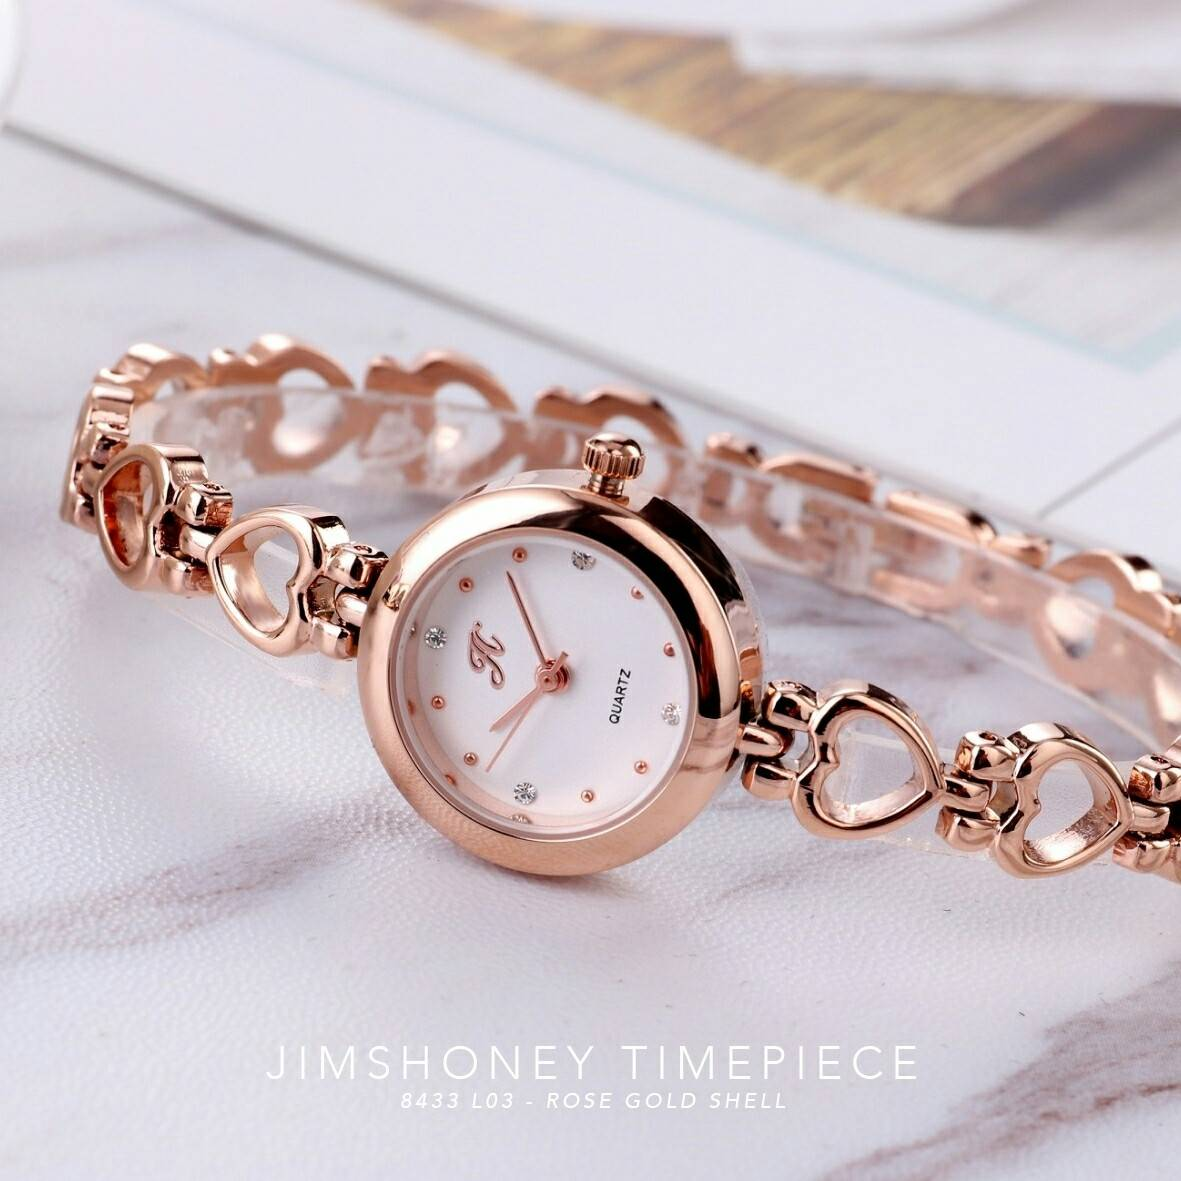 Promo Jam Tangan Jims Honey Timepiece 8433